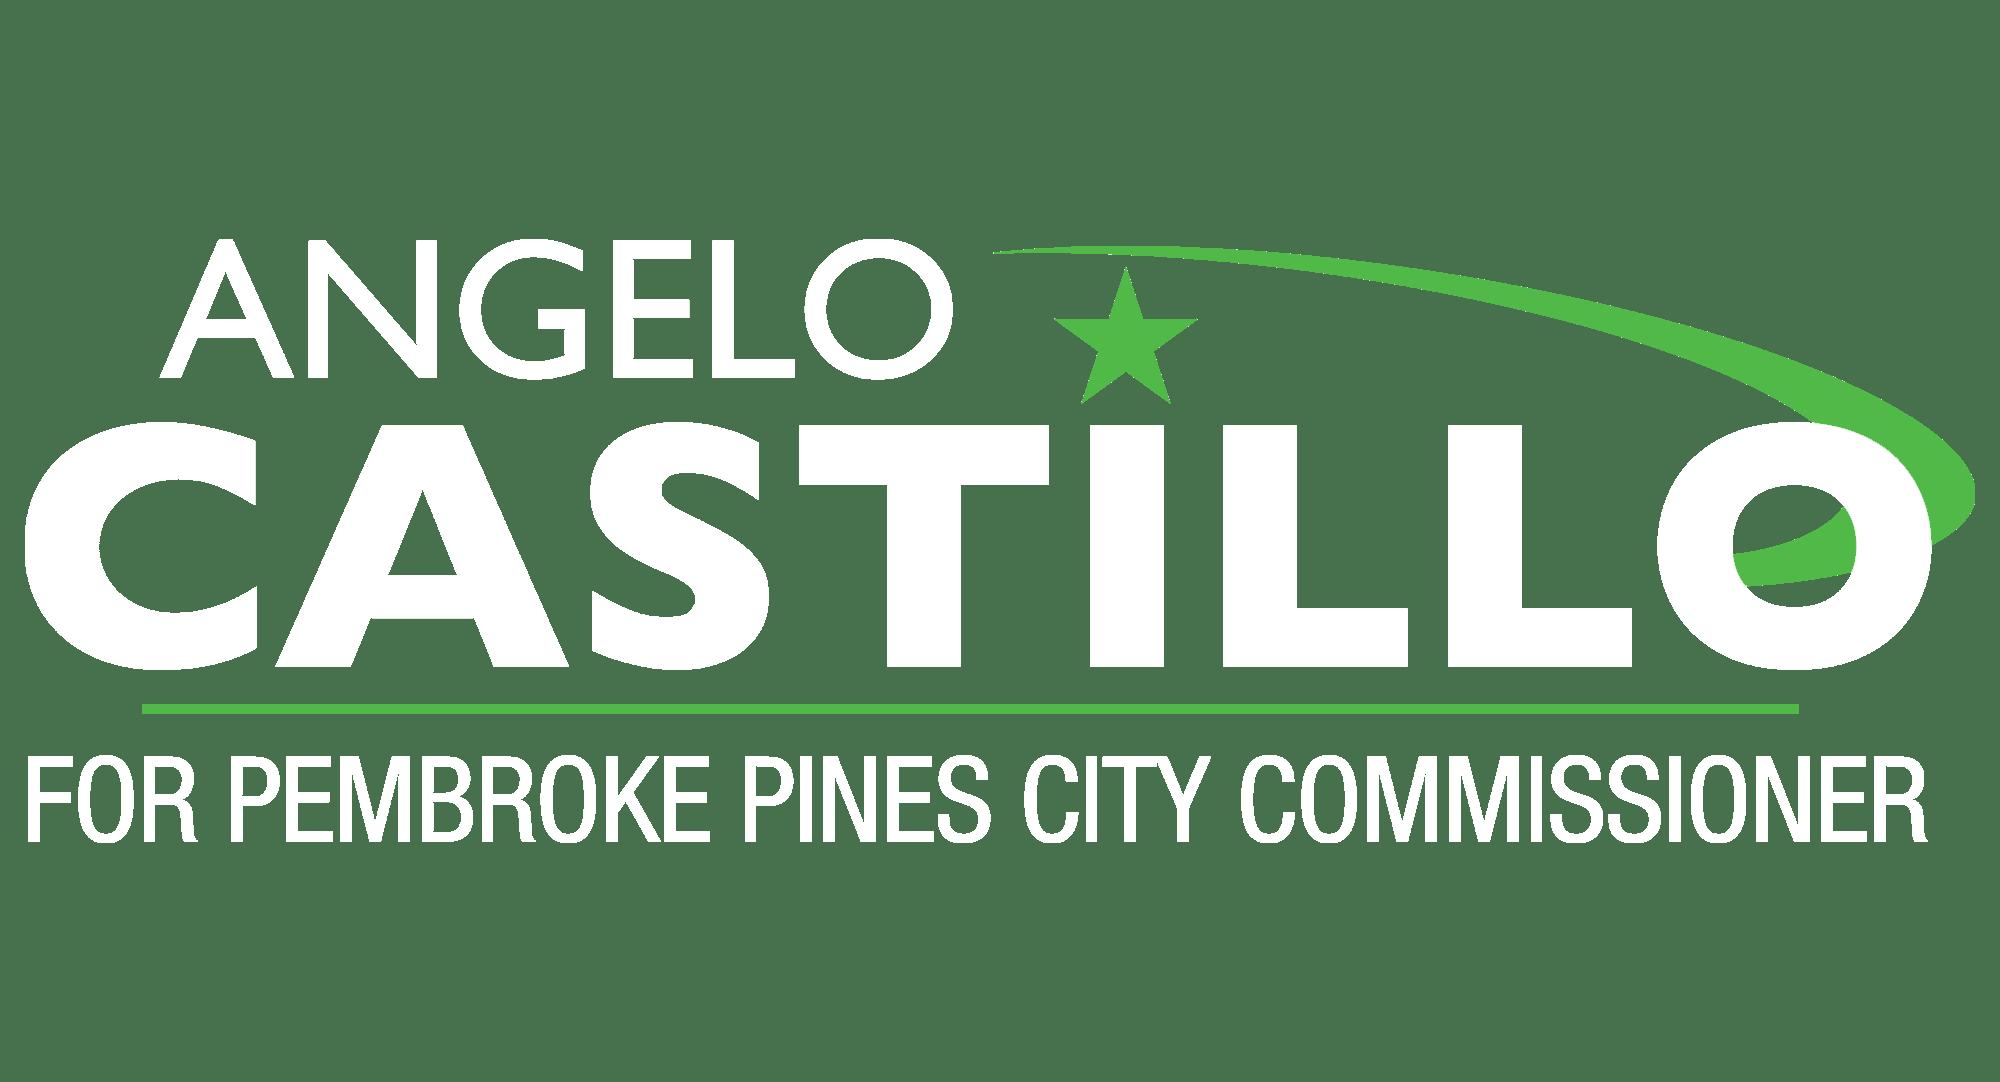 Angelo Castillo